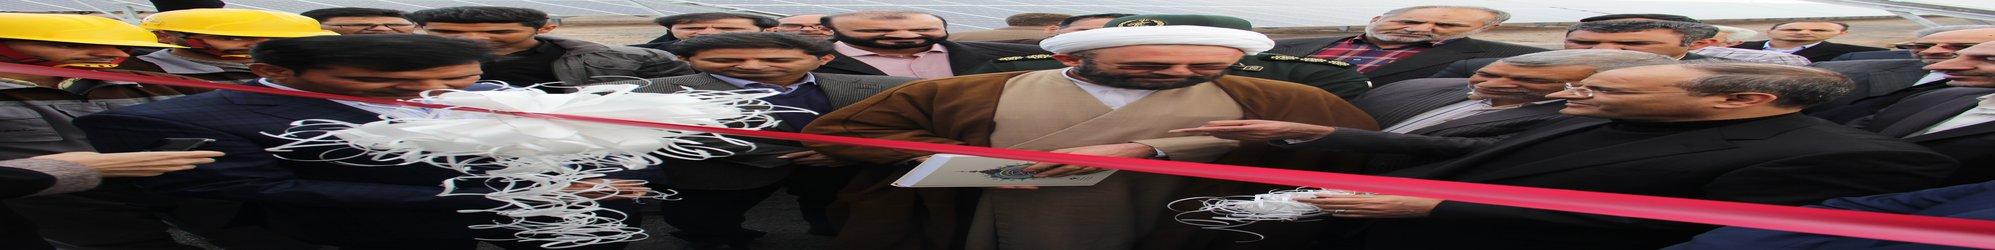 افتتاح نیروگاه های خورشیدی در شهرستان بردسیر با حضور معاون وزیر نیرو